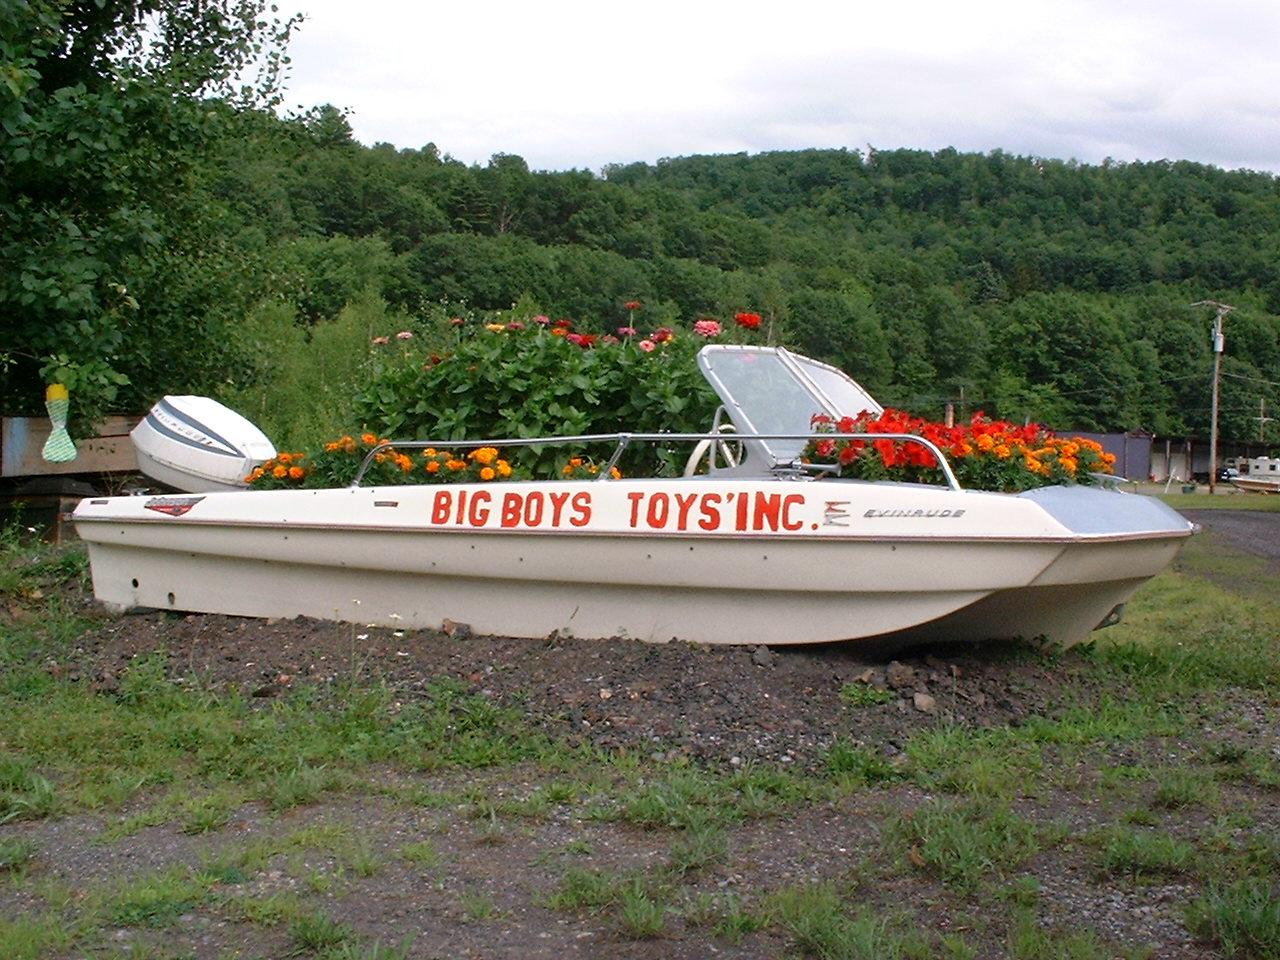 Big Boy Toys Boats : Home bigboystoysboats webs